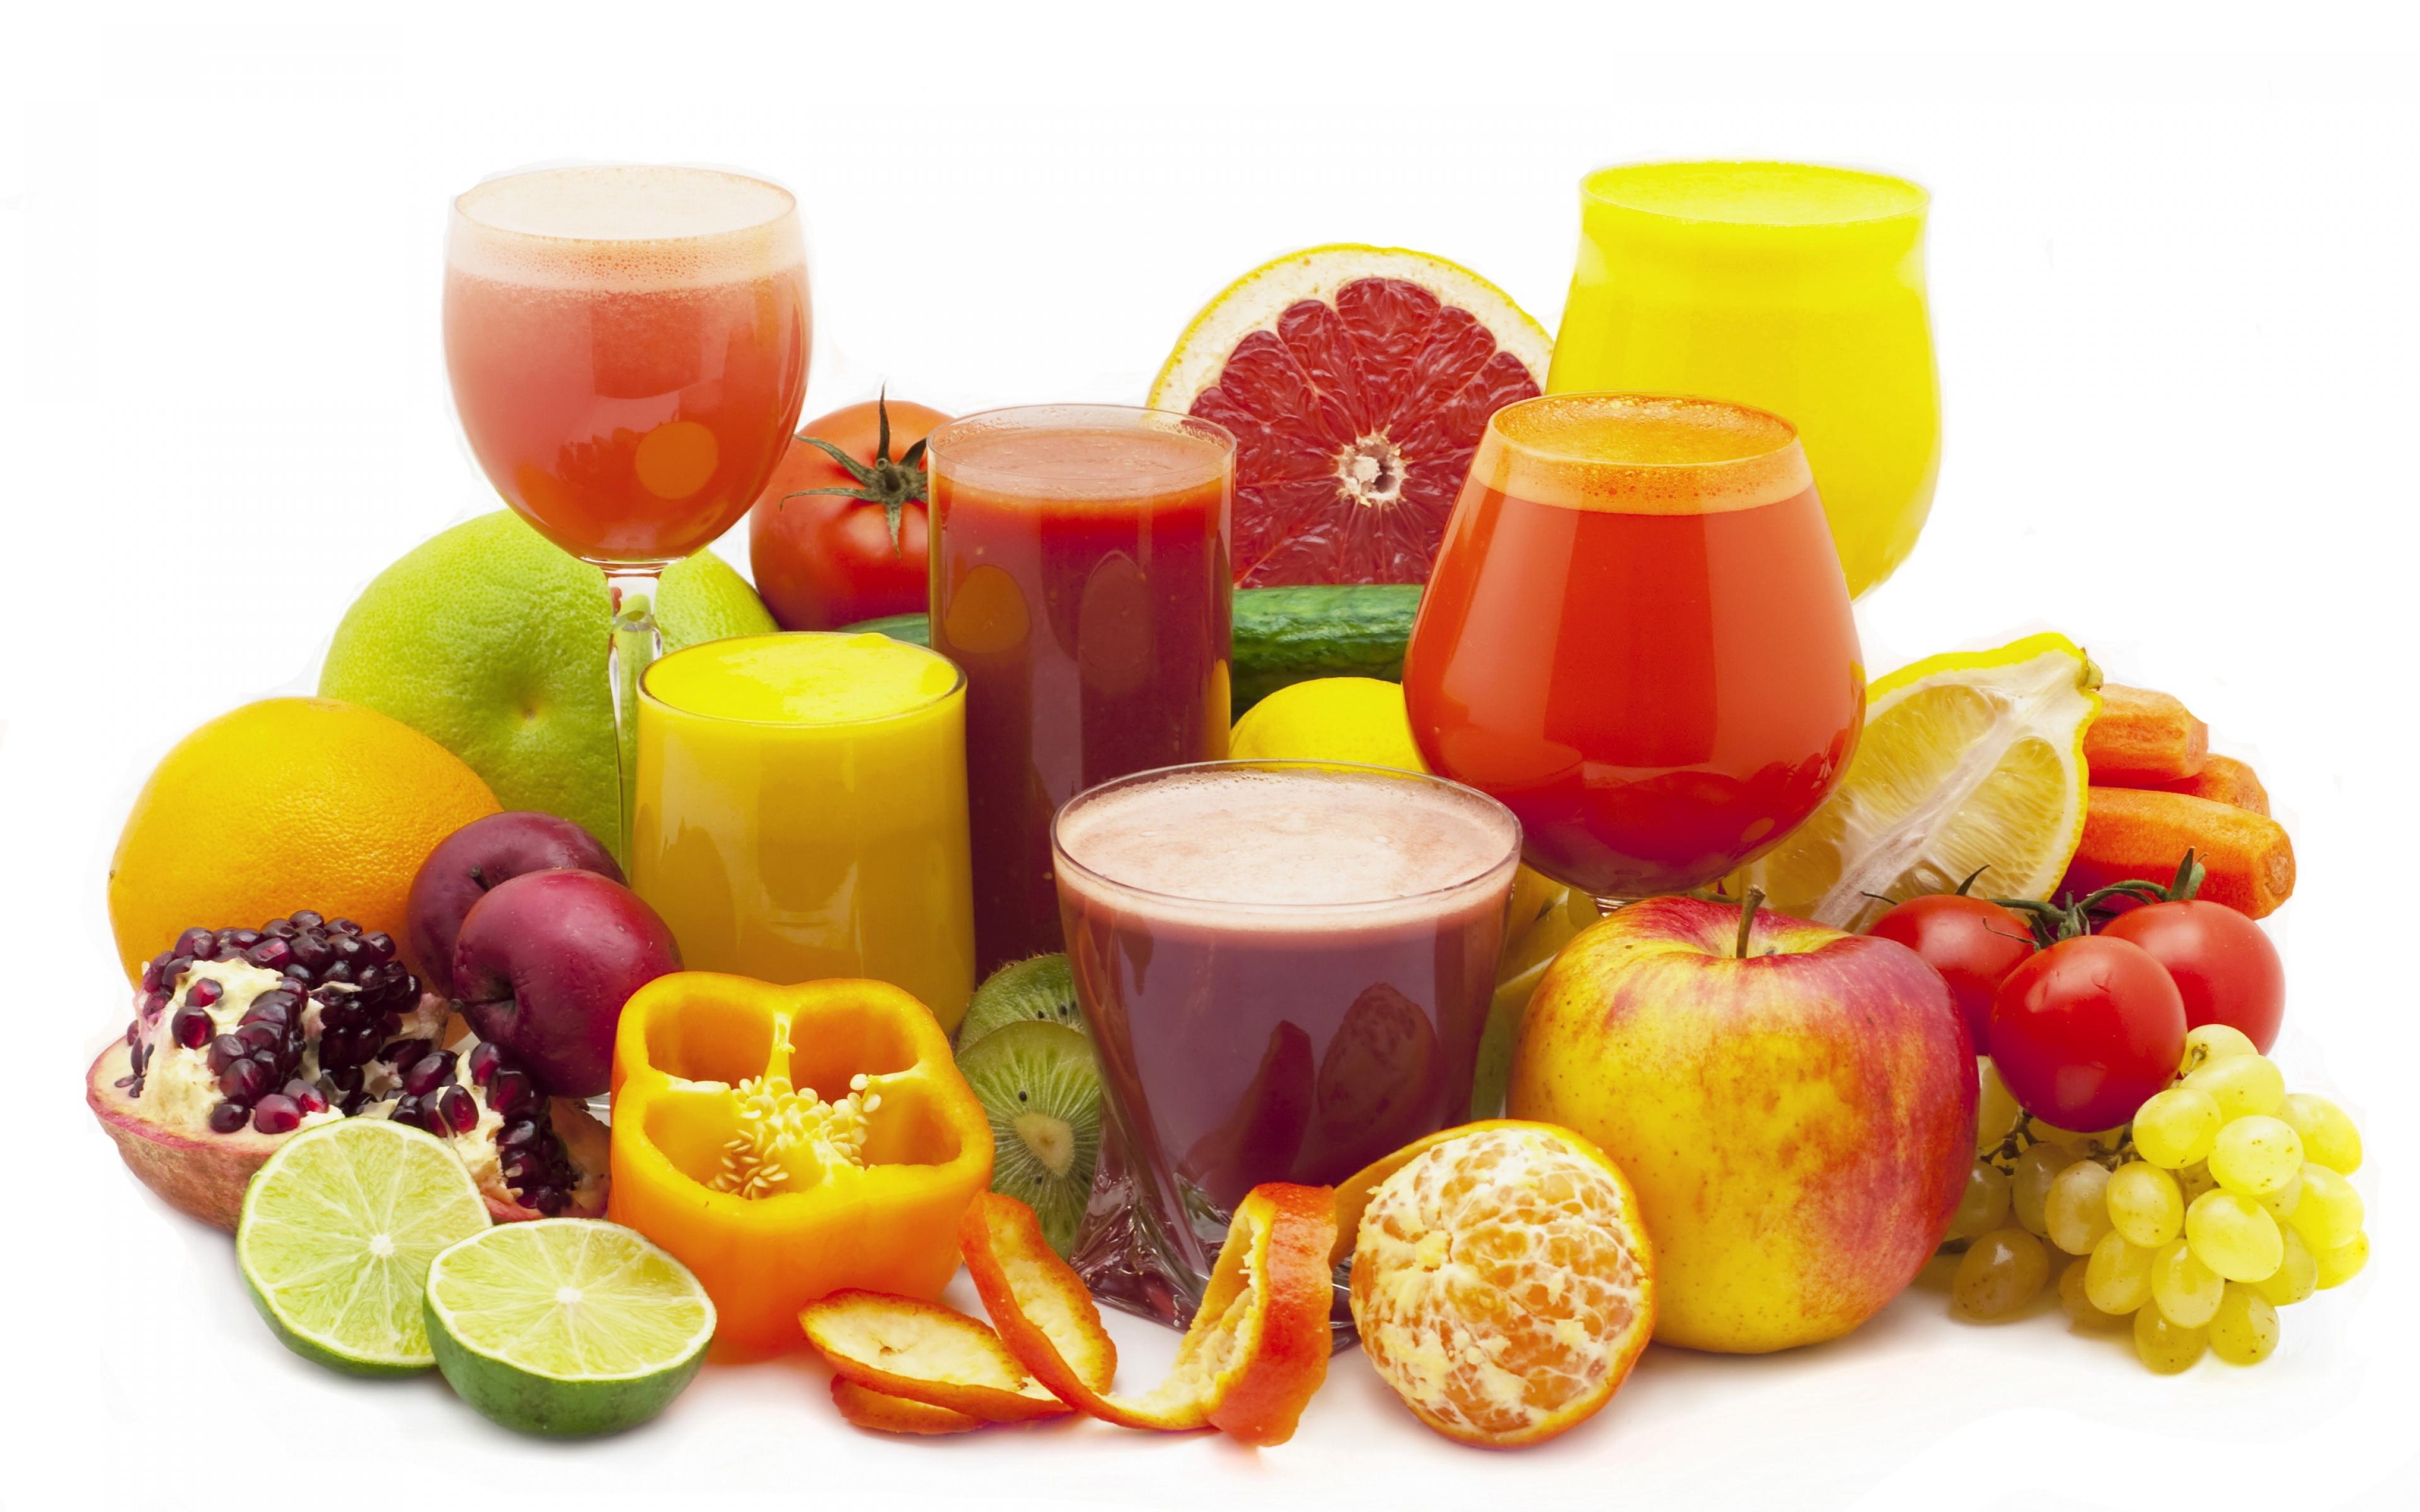 عصير الفواكه الطازجة